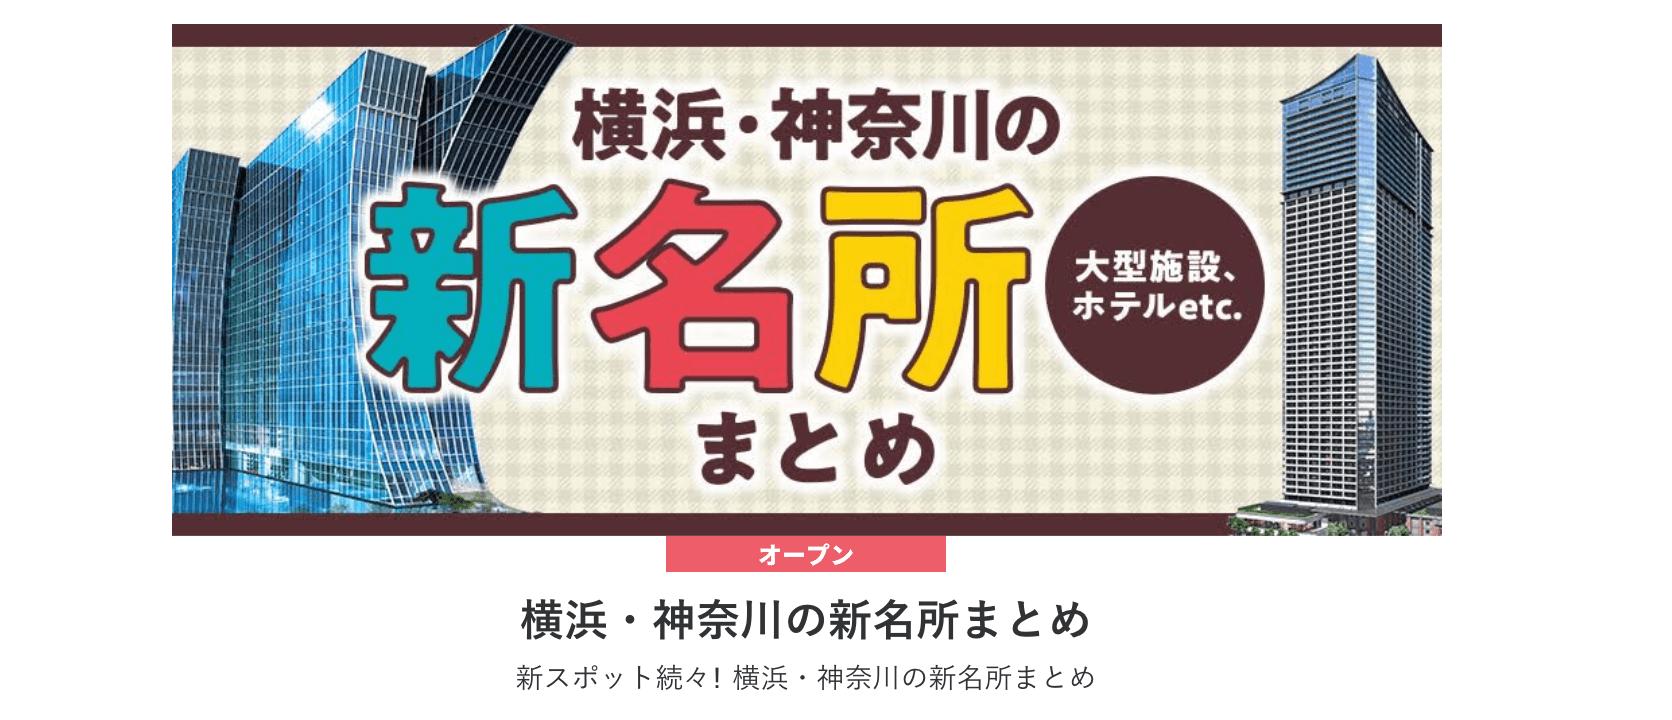 工房スミスが「横浜 ウォーカー」新名所に掲載中です!